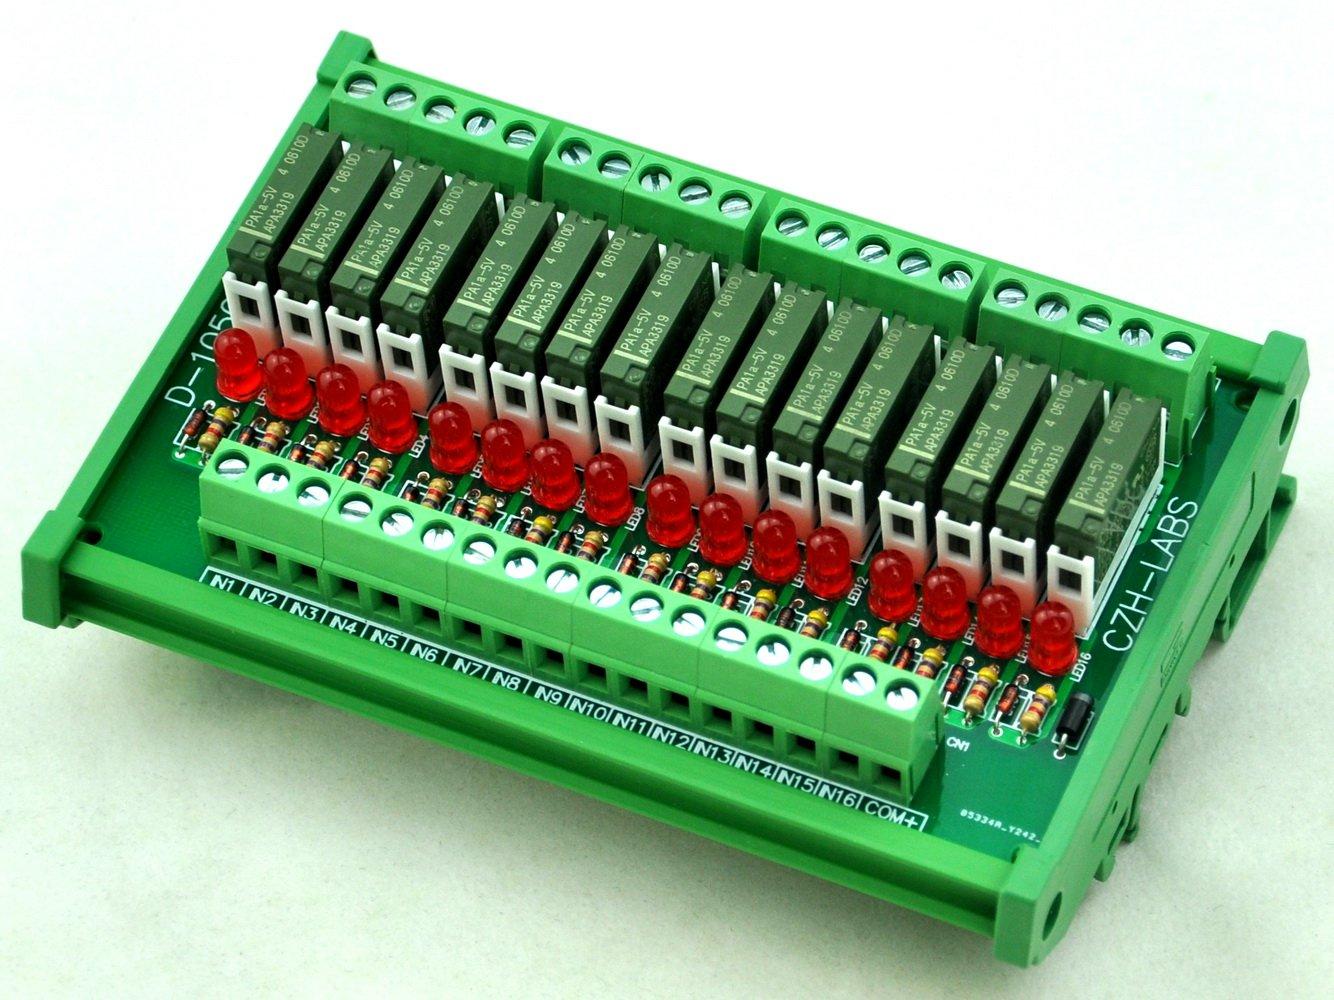 ELECTRONICS-SALON Slim DIN Rail Mount DC5V Sink/NPN 16 SPST-NO 5A Power Relay Module, PA1a-5V